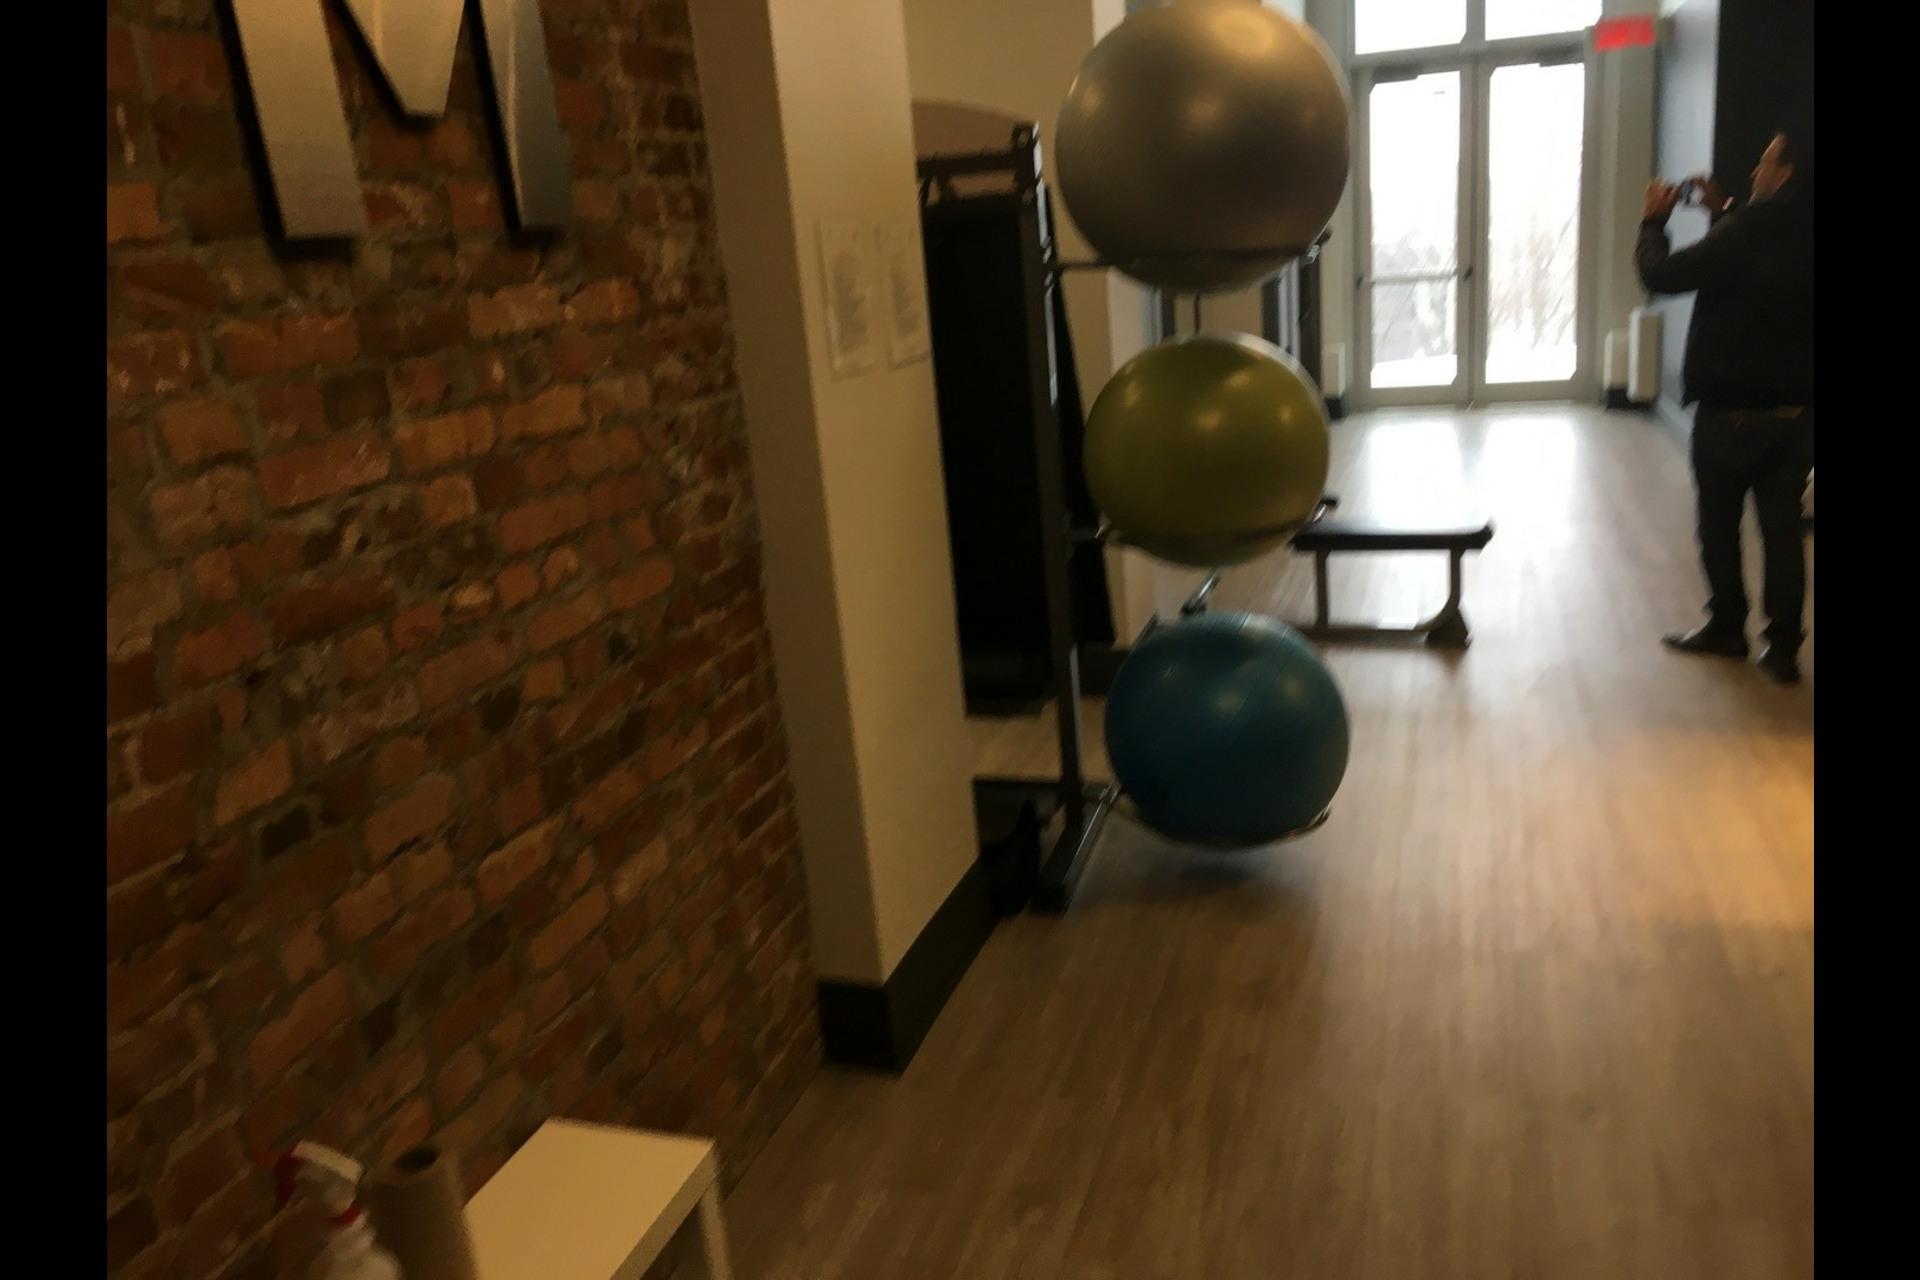 image 10 - Condo For rent Montréal Ville-Marie (Centre-ville) - 3 rooms